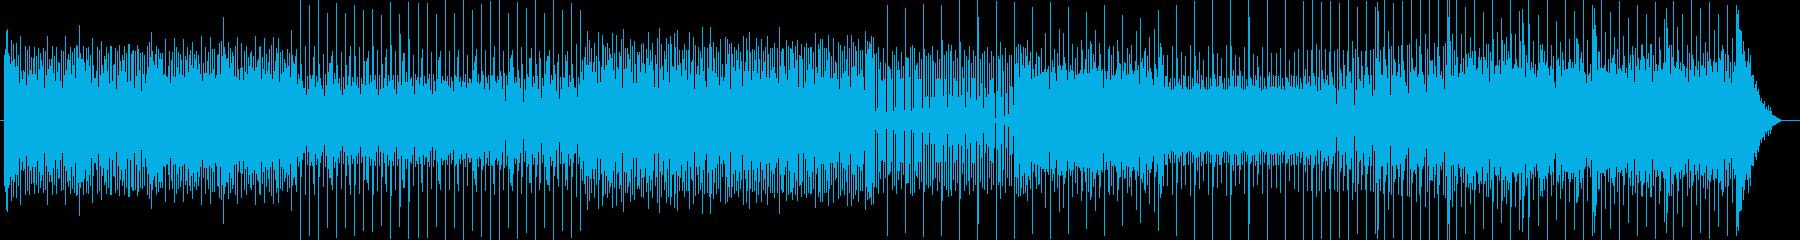 ロックとテクノの融合の再生済みの波形